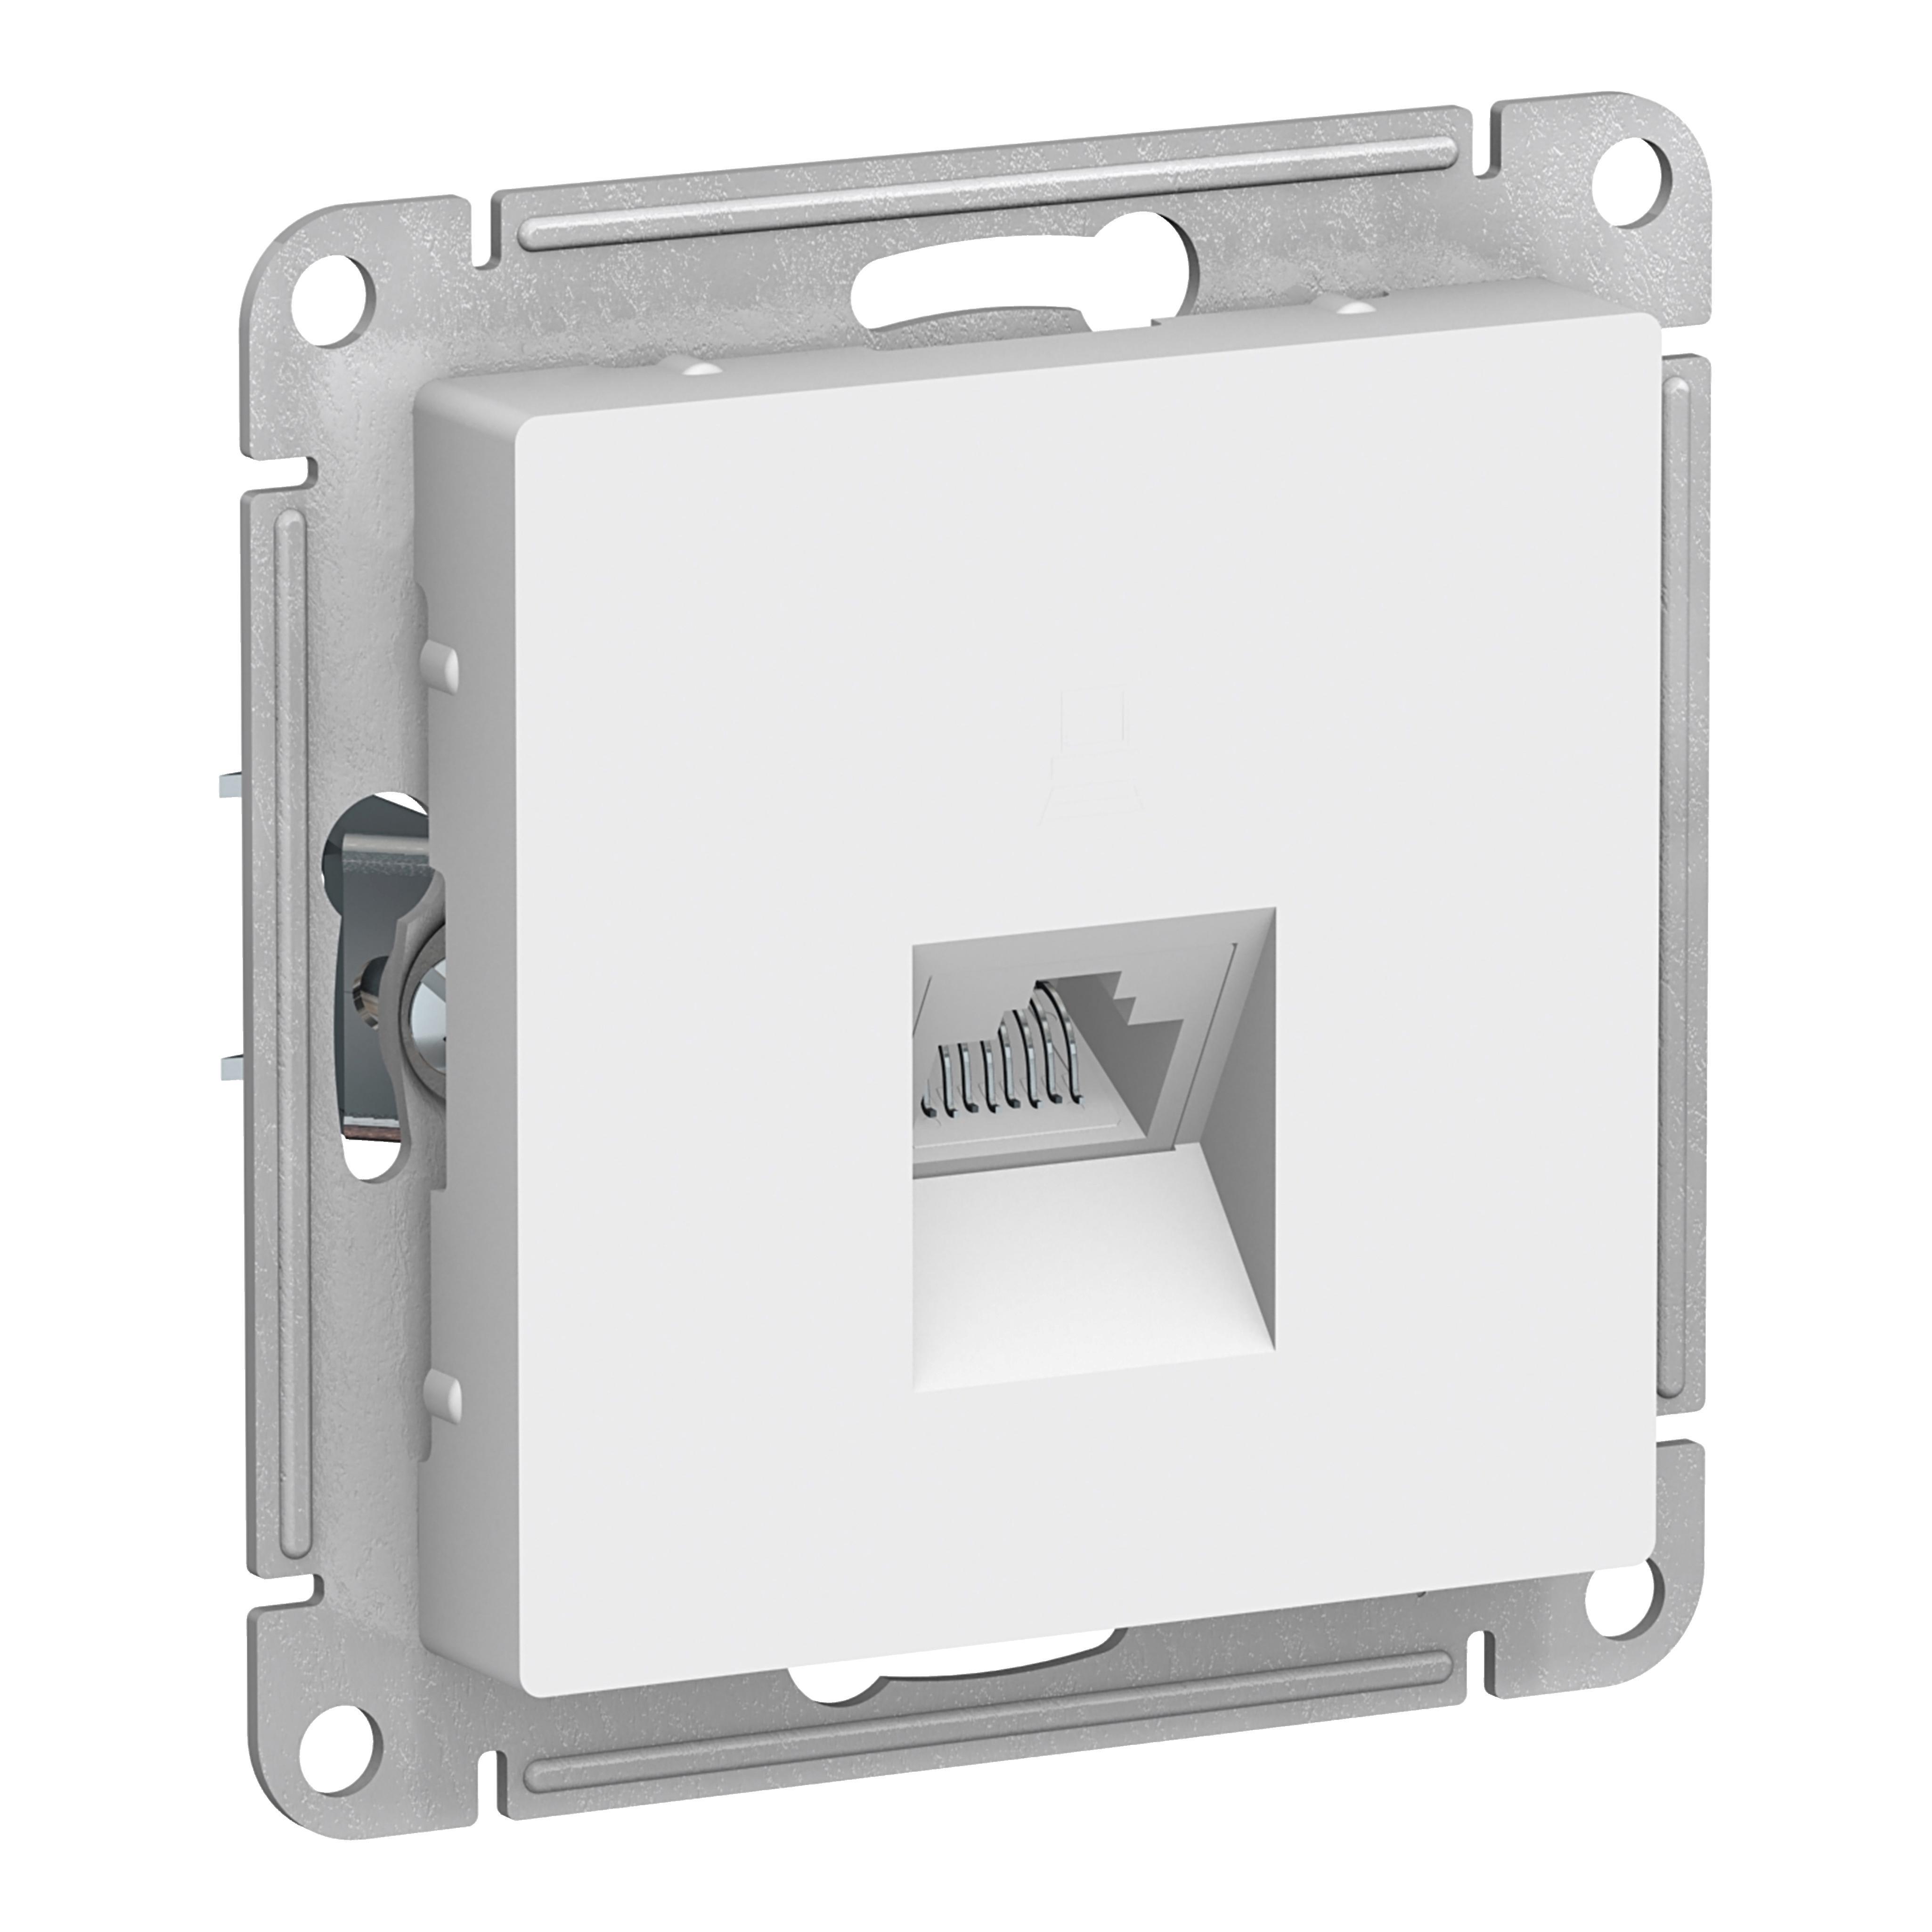 Механизм розетки Schneider electric Atn000183